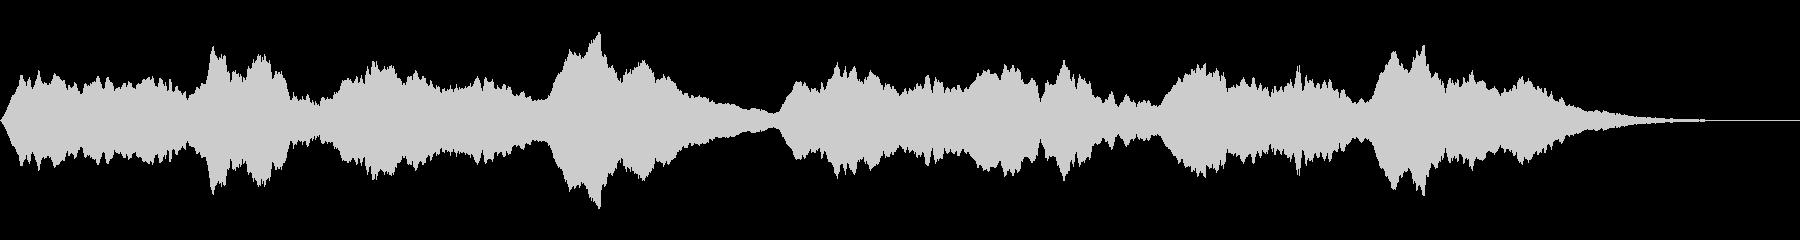 不気味で仄悲しい音響の未再生の波形